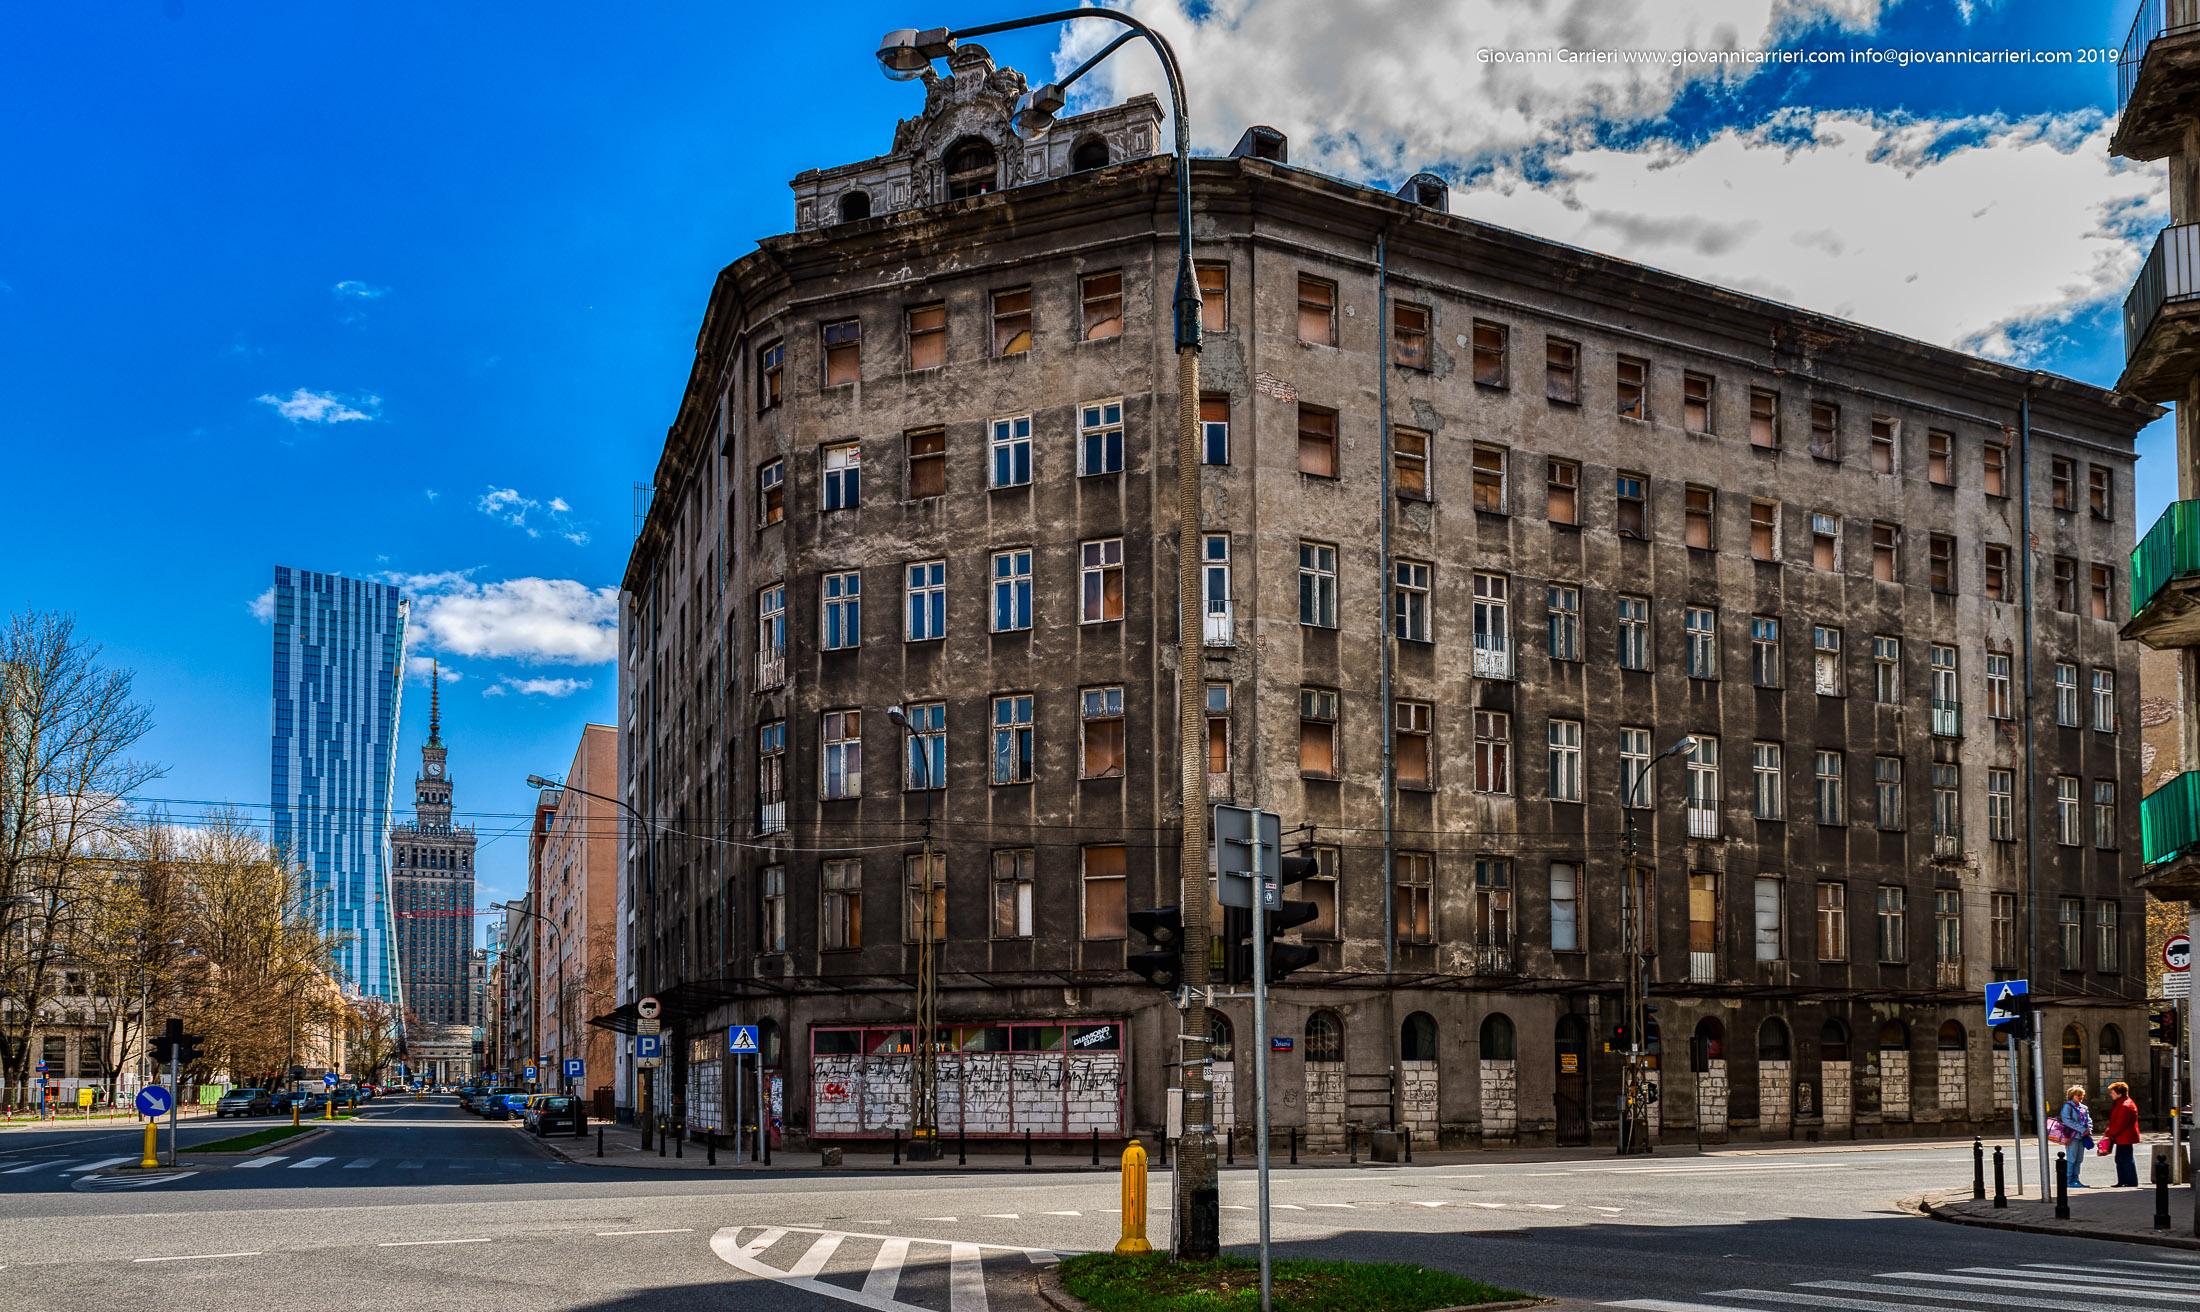 Il passato, il presente ed il futuro nelle costruzioni di Varsavia